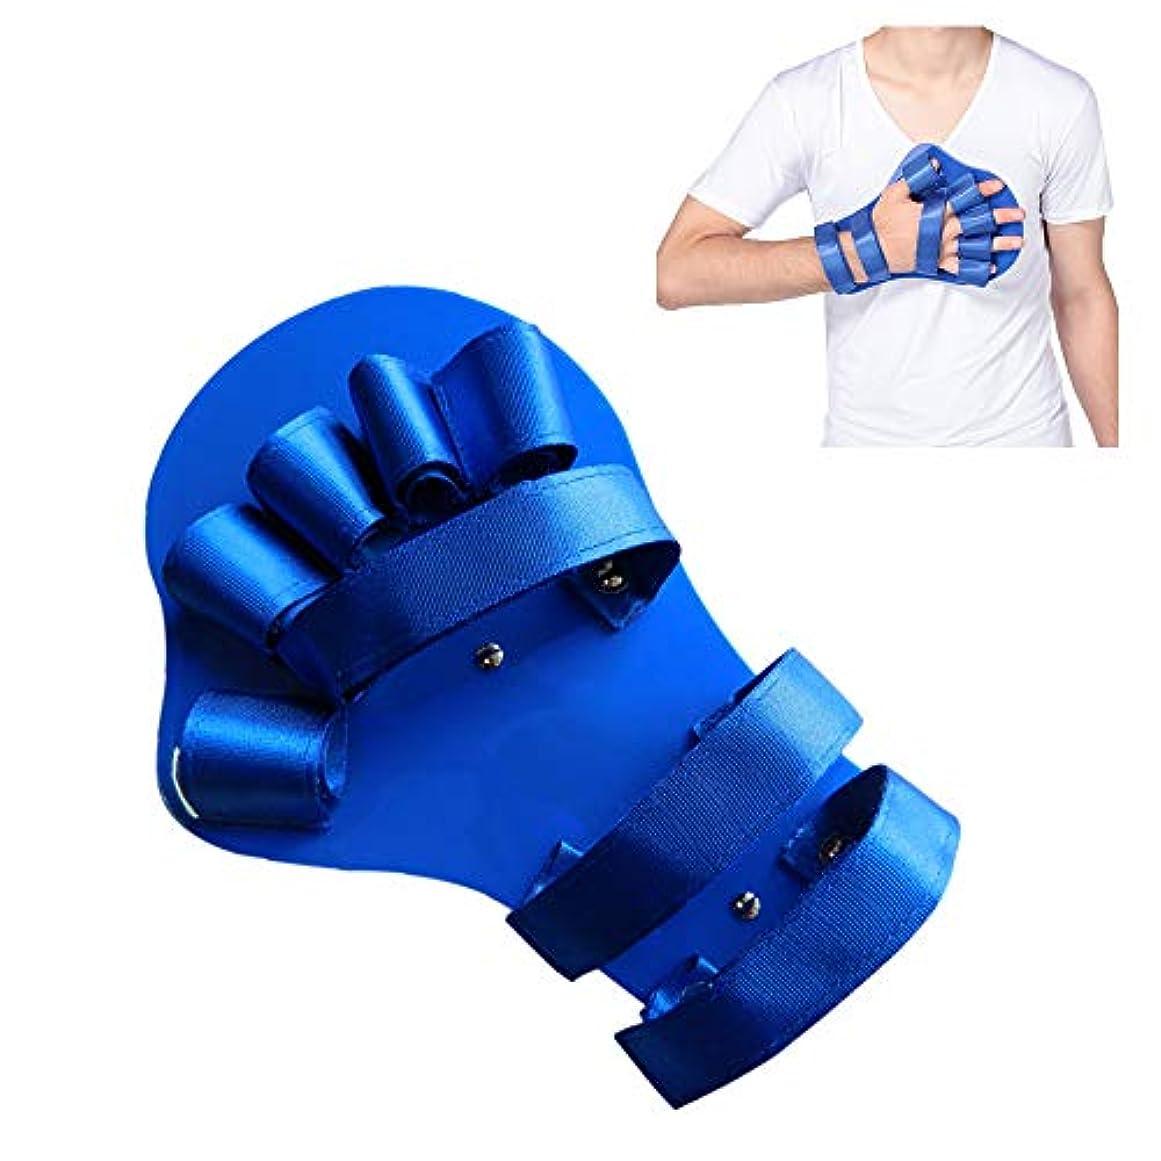 マインド商標ヒギンズフィンガースプリントフィンガーボード、手首トレーニング装具、手のリハビリテーションのための指セパレーター拡張ボード,Lefthand